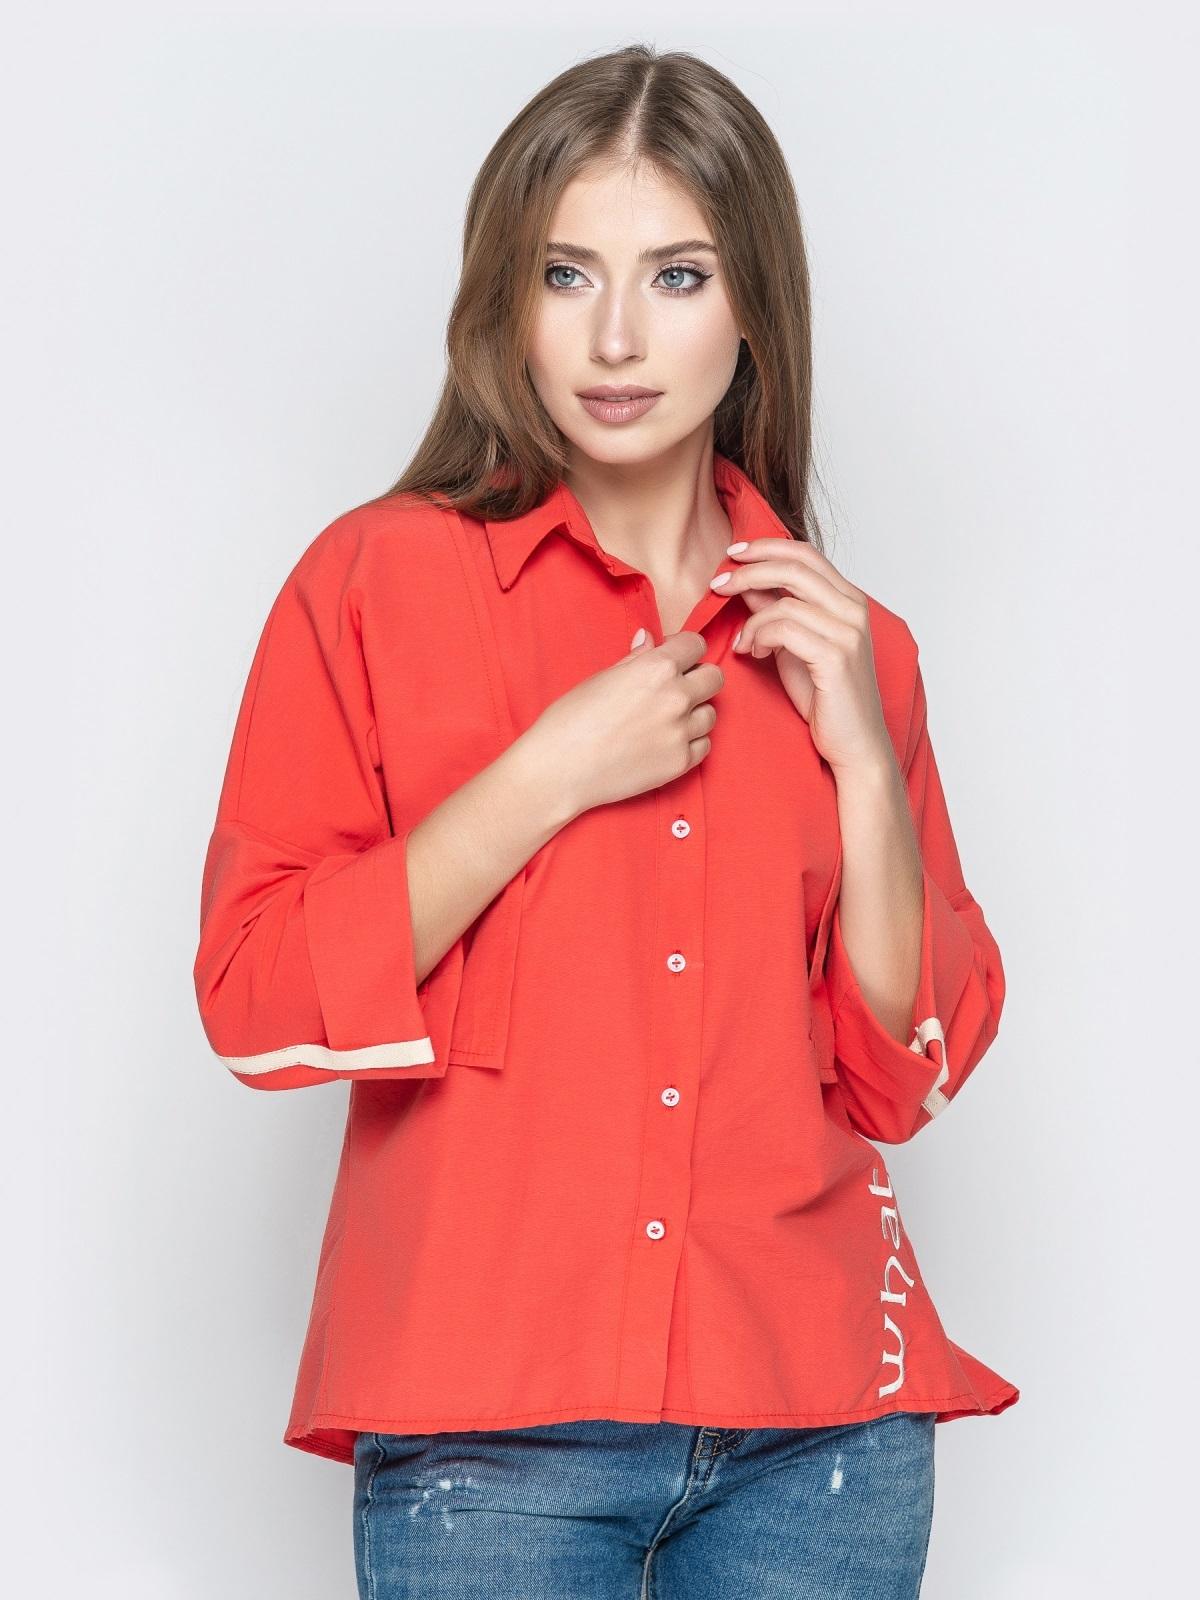 Оранжевая рубашка с отделкой из киперной ленты - 20513, фото 1 – интернет-магазин Dressa